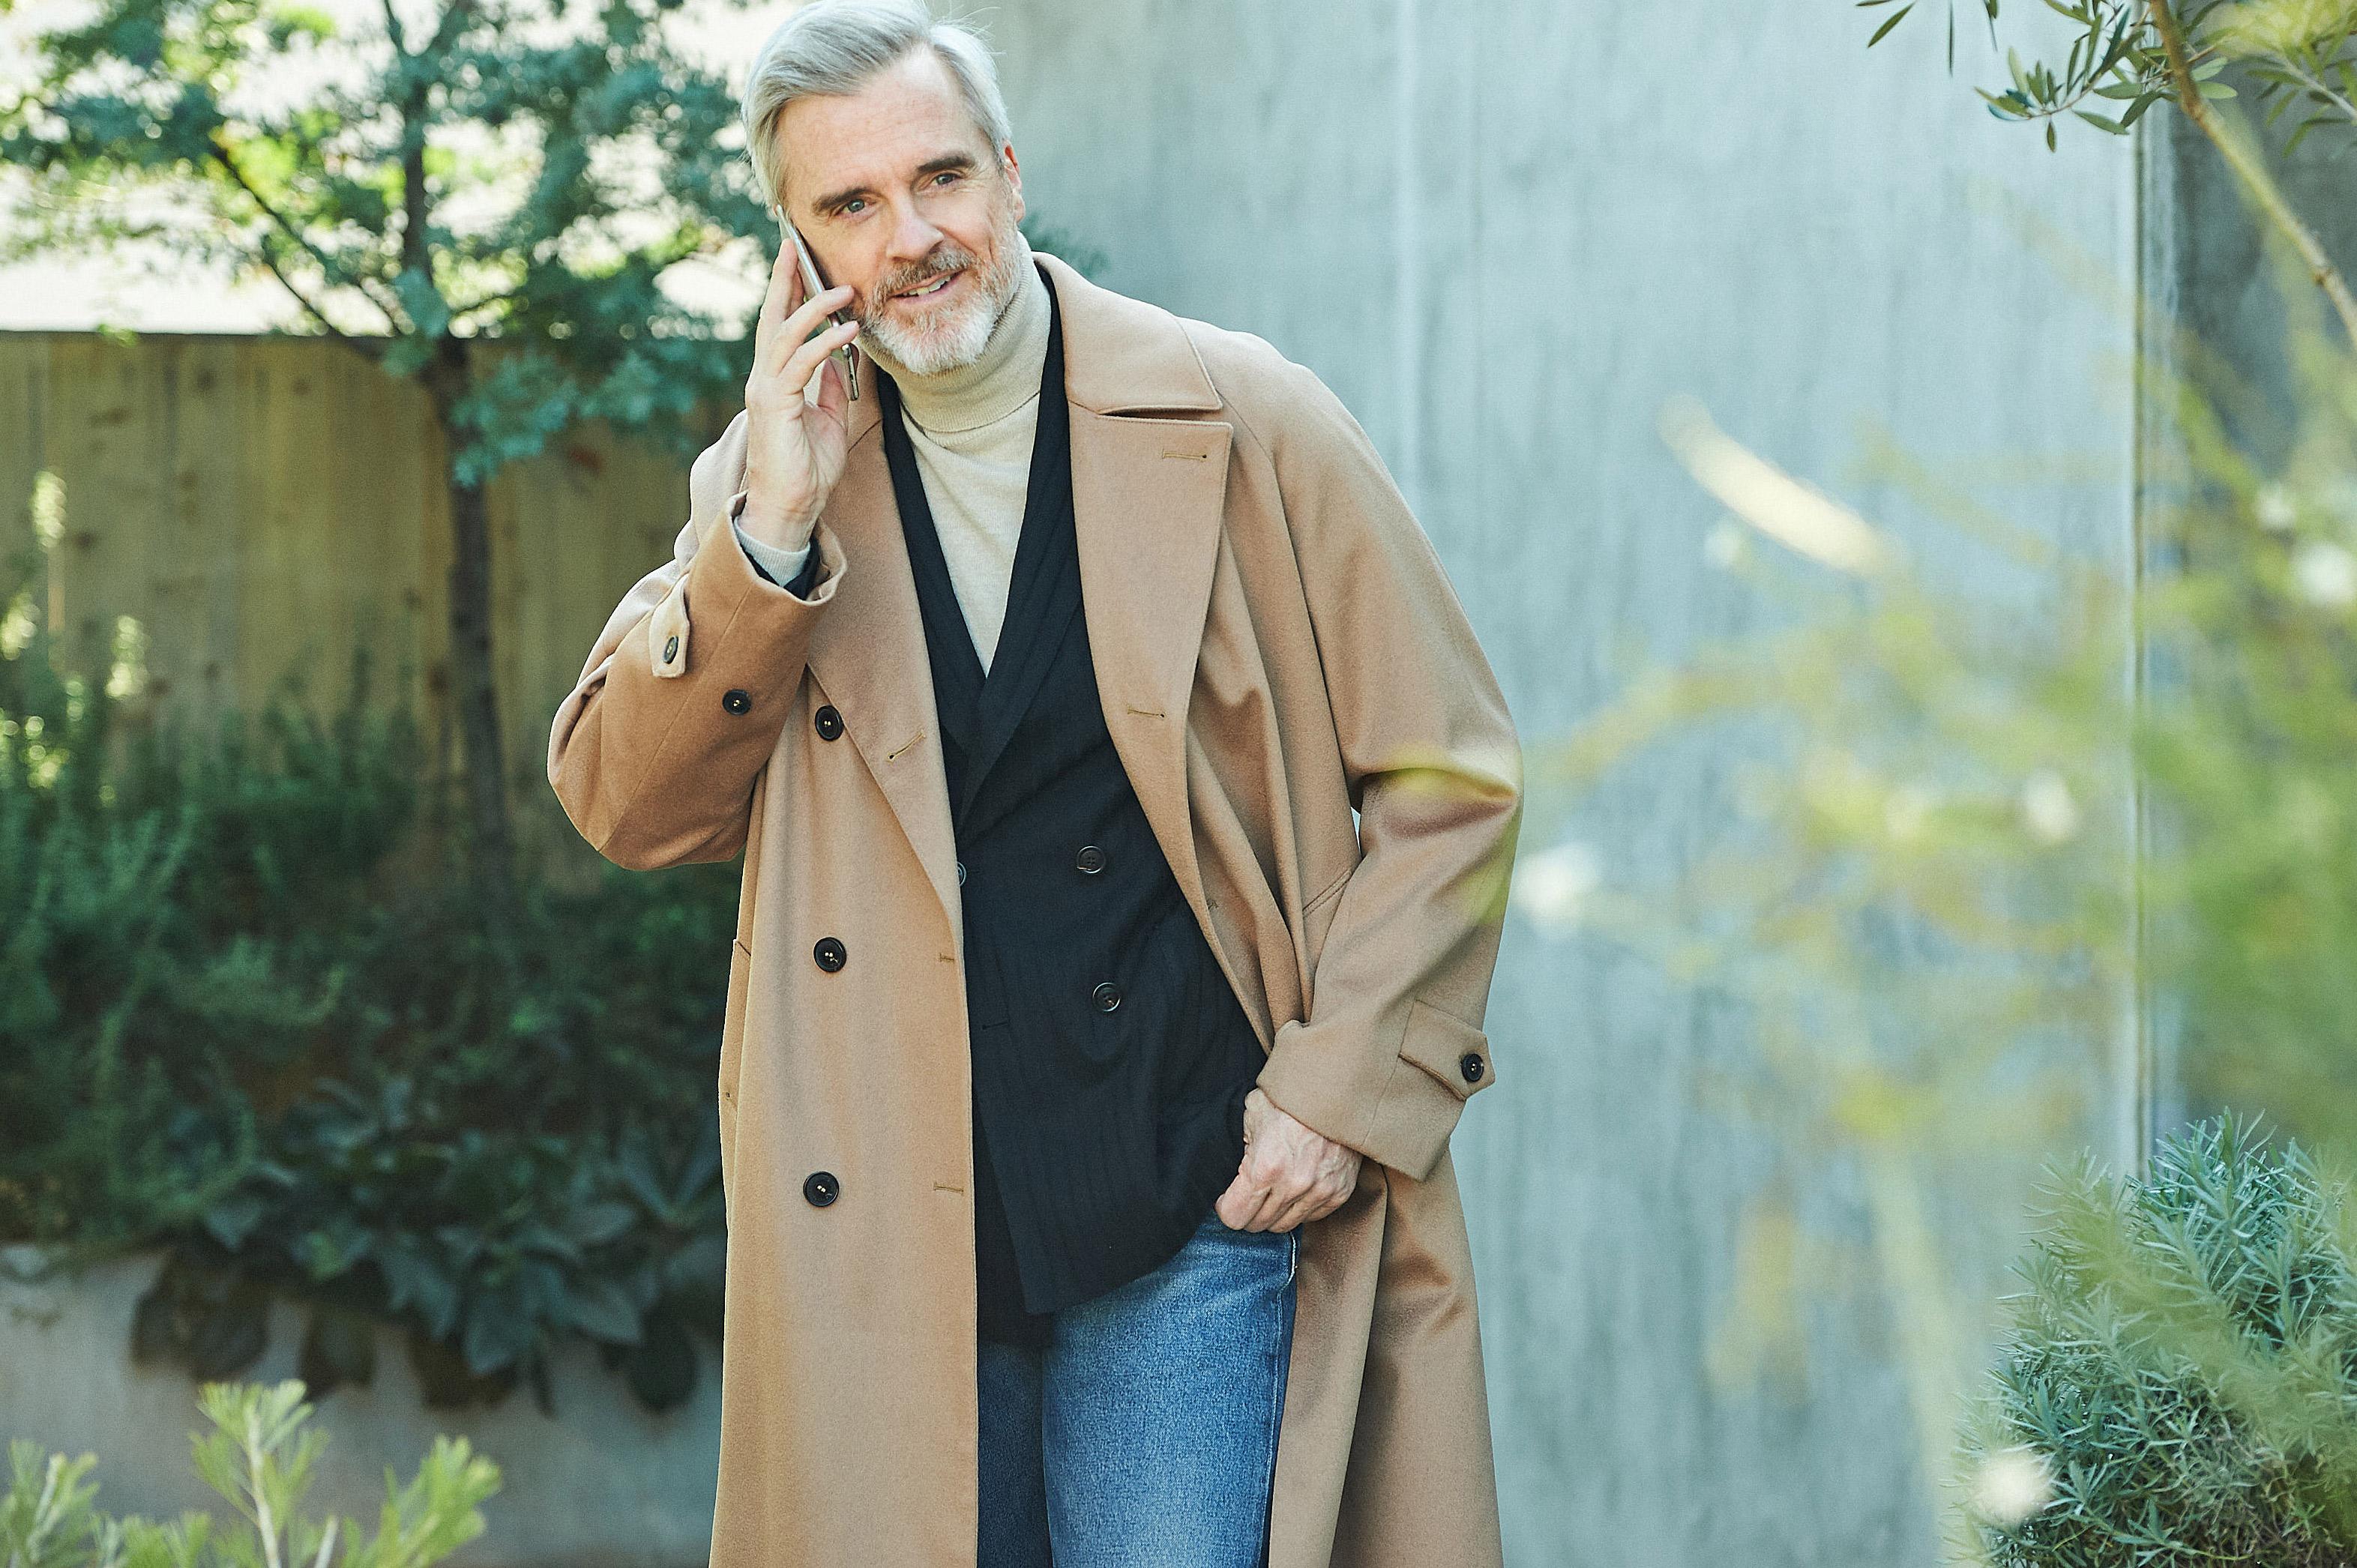 ビジネスで着ていたコート、休日ではこう活用する